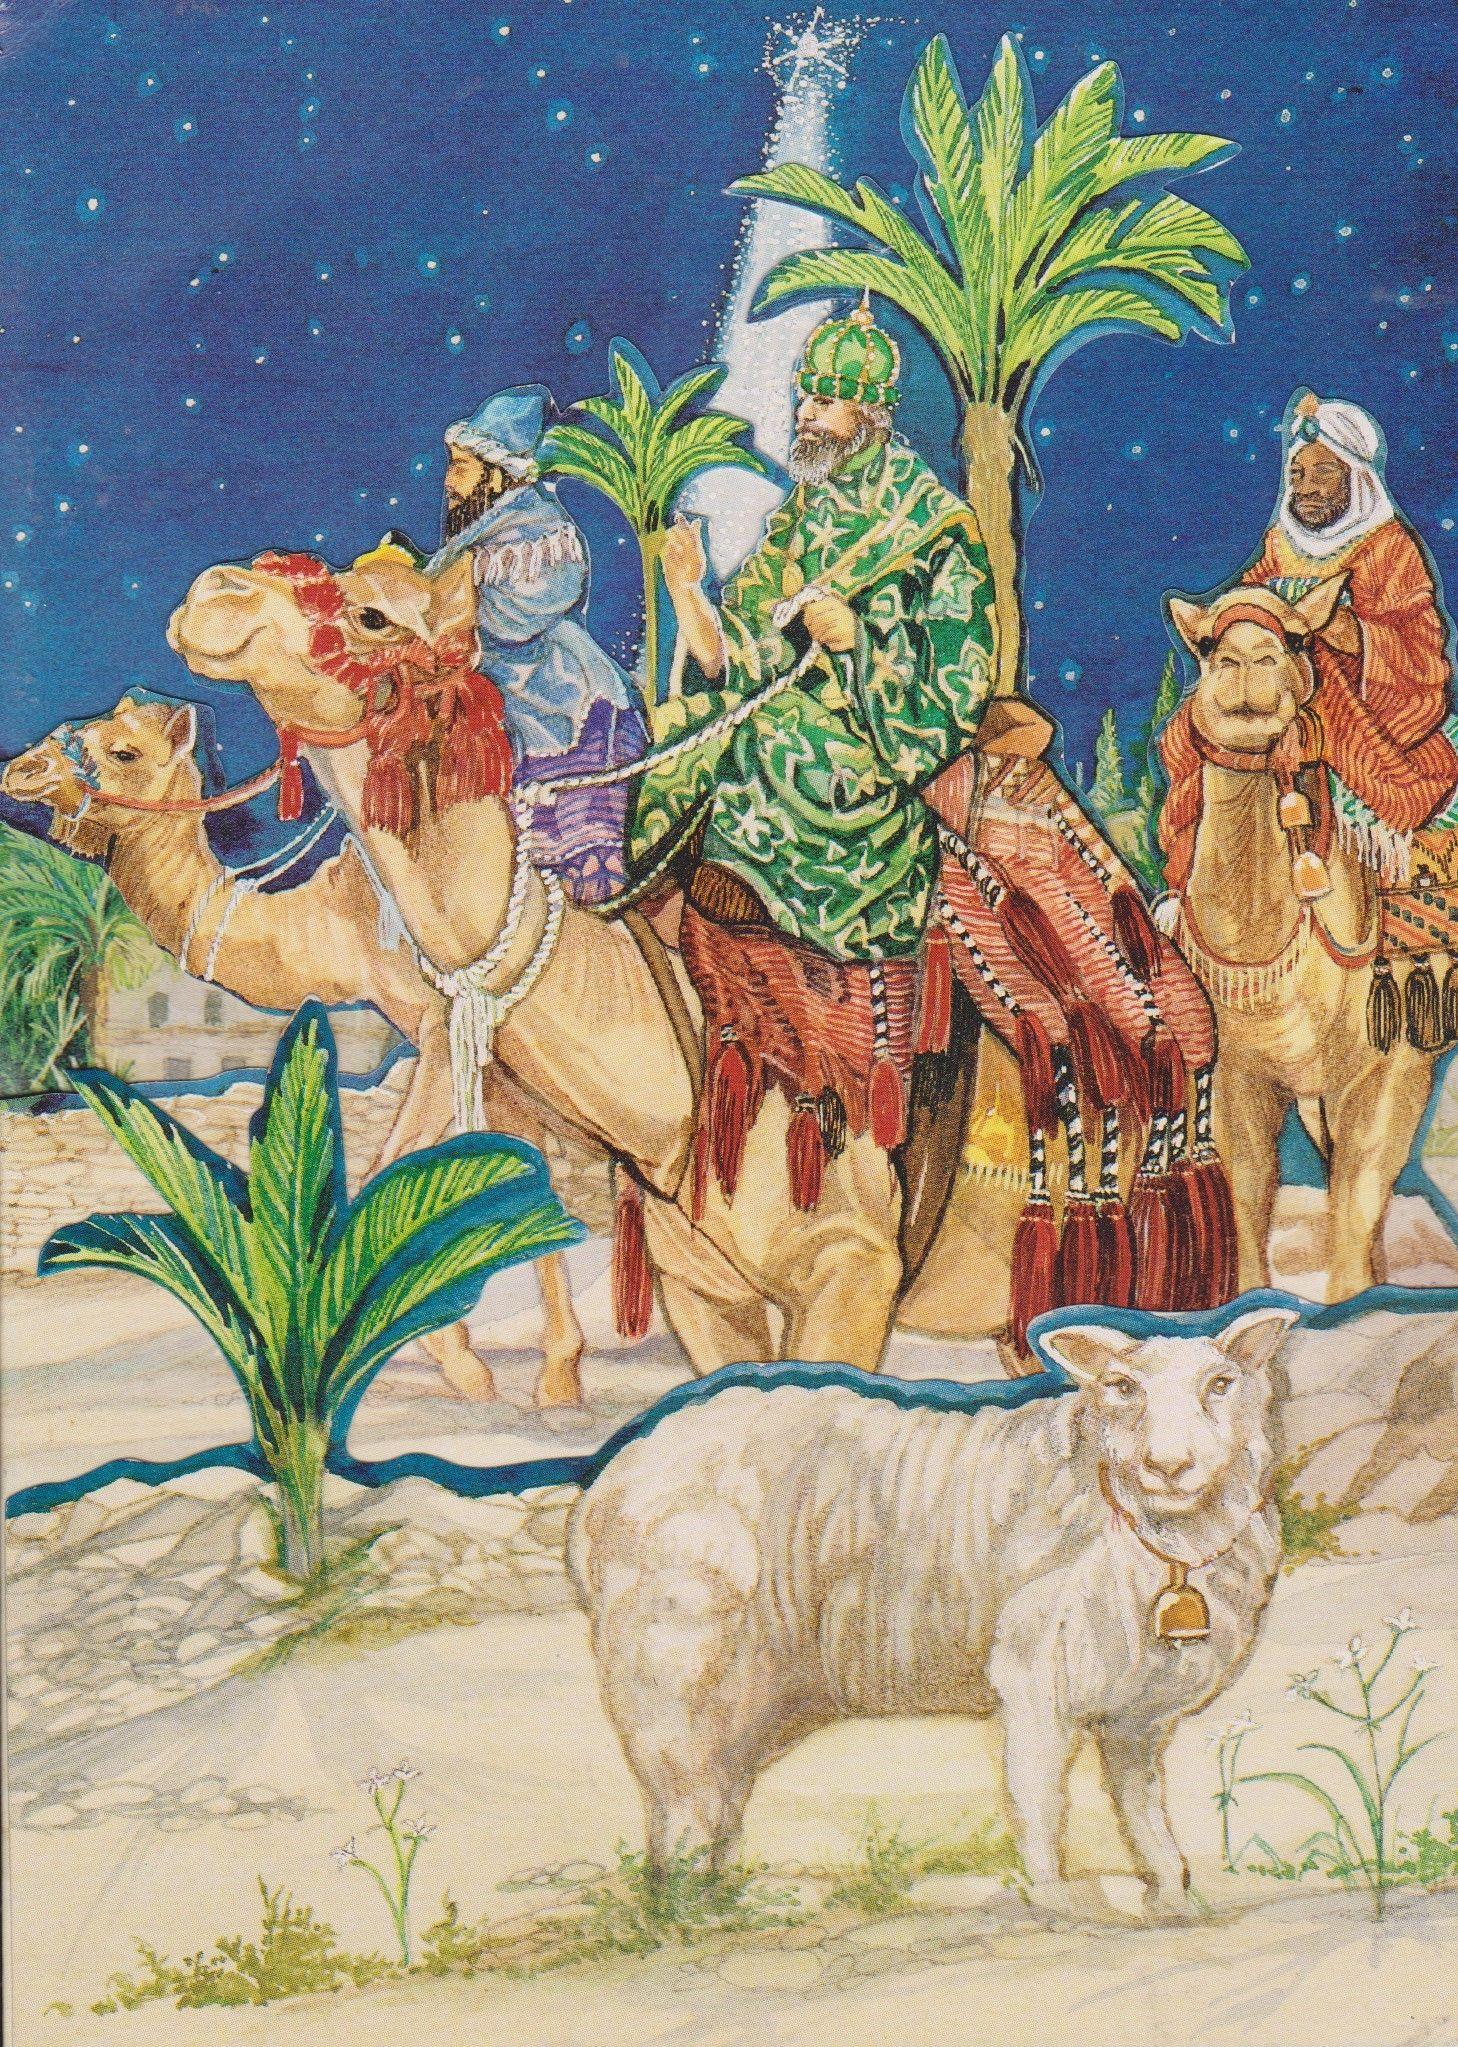 3 wisemen  christmas cards cards zelda characters